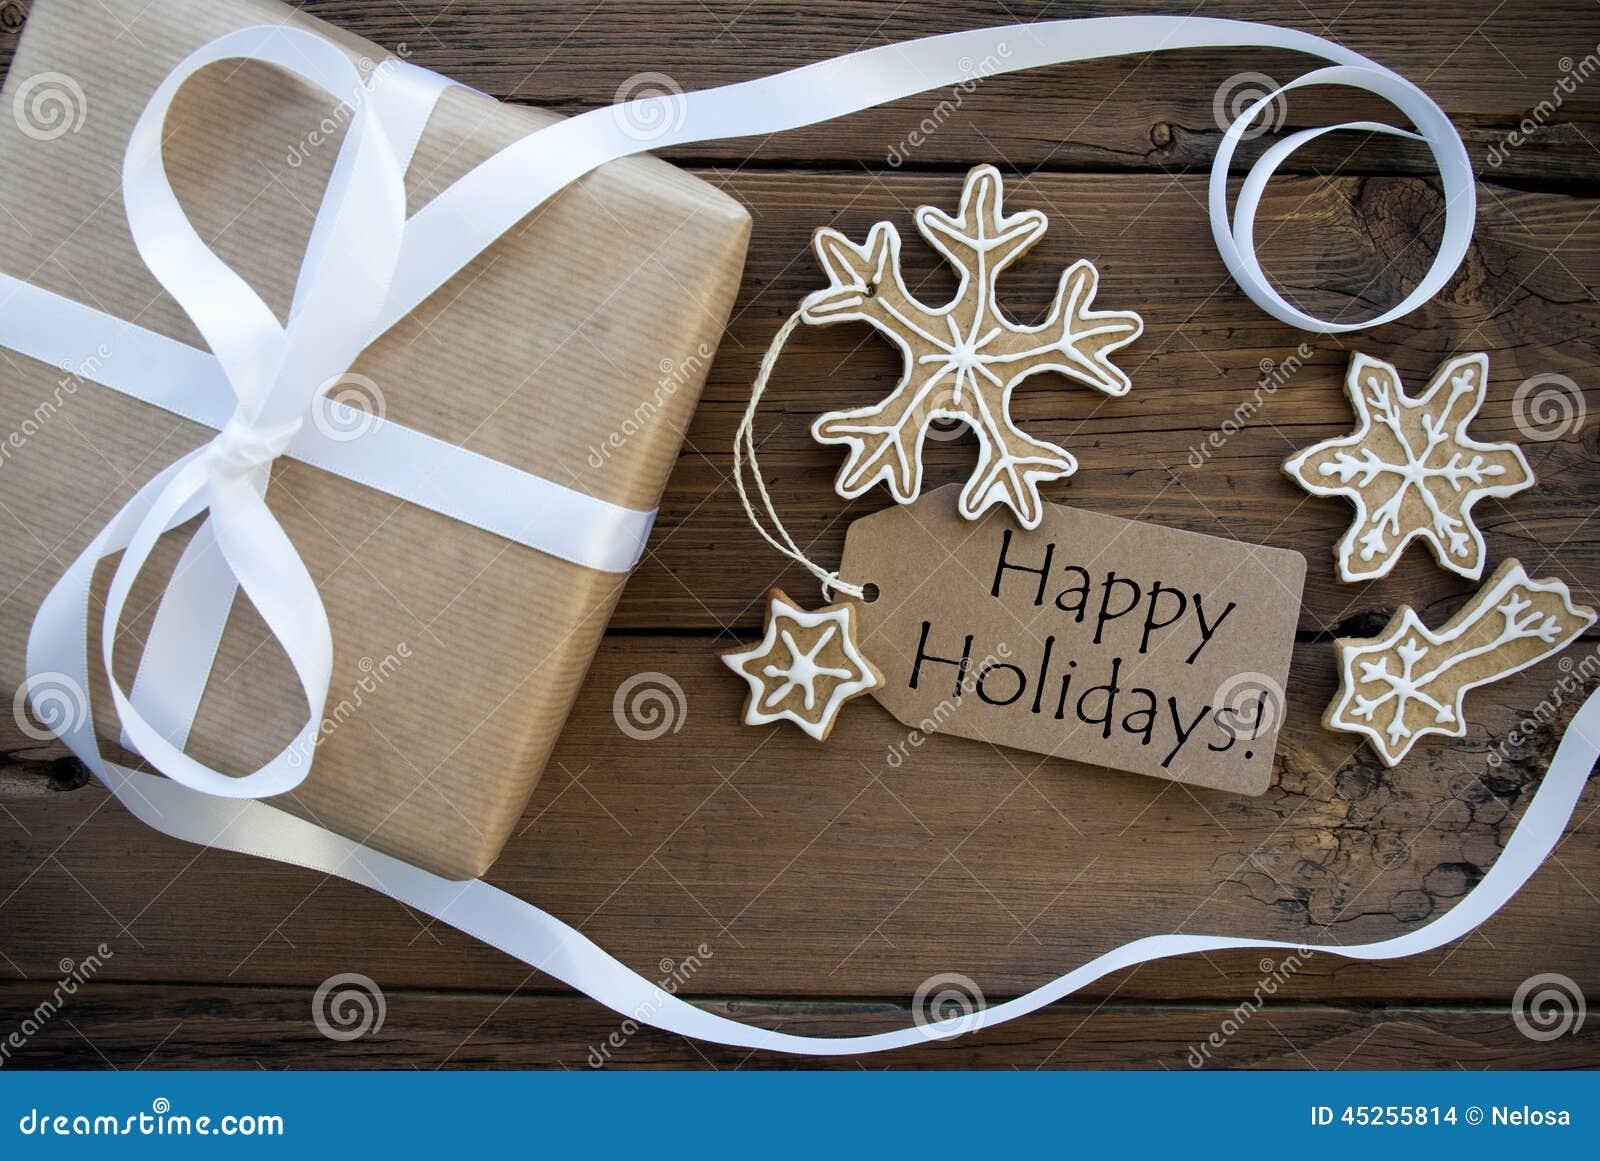 Fundo natural do Natal com boas festas etiqueta